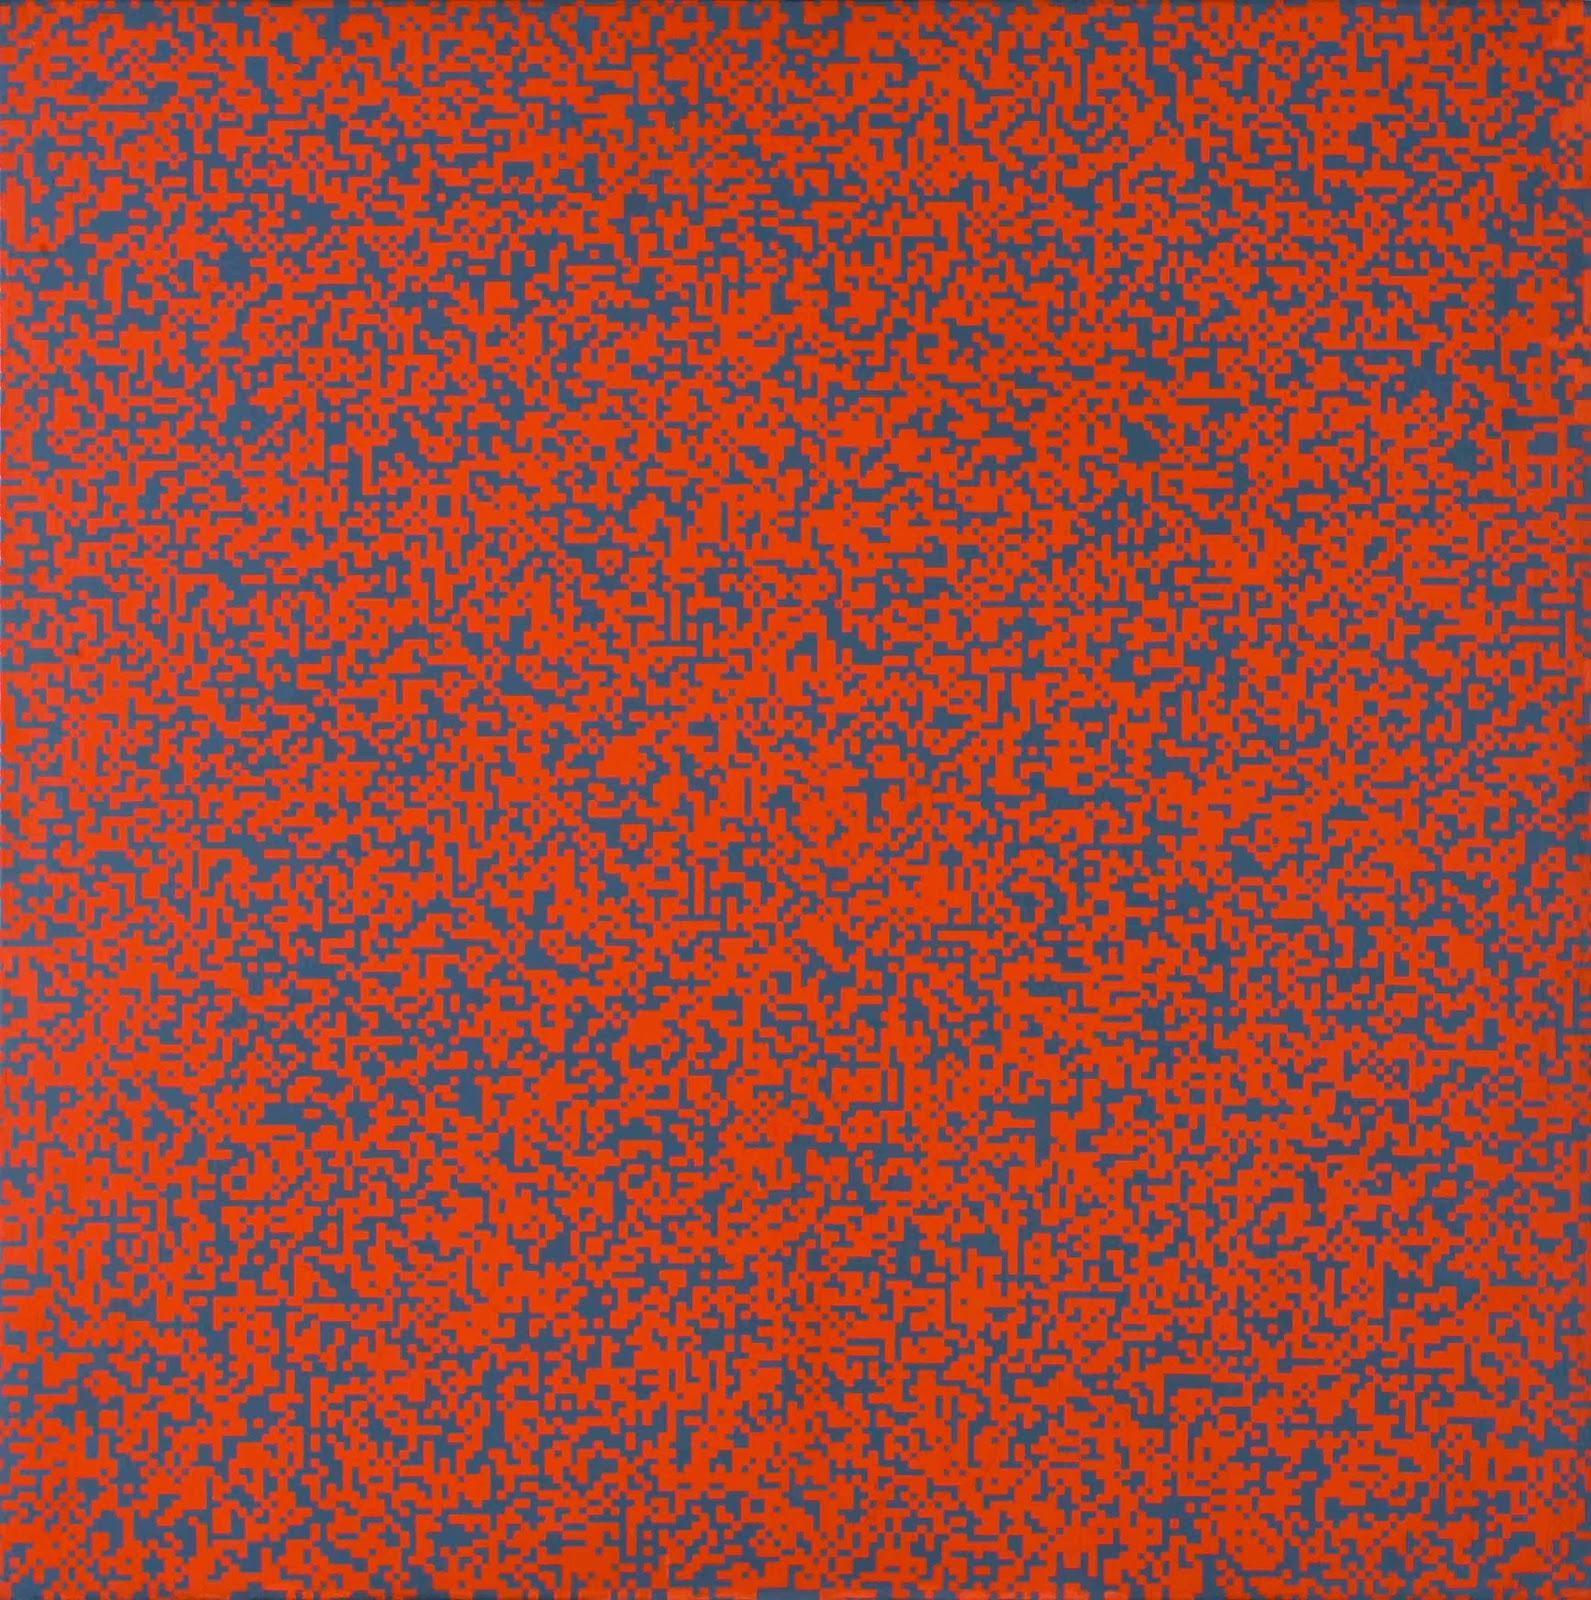 R_partition_al_atoire_de_40.000_carr_s_suivant_les_chiffres_pairs_et_impairs_d_un_annuaire_de_t_l_phone_50_orange_50_gris_1961